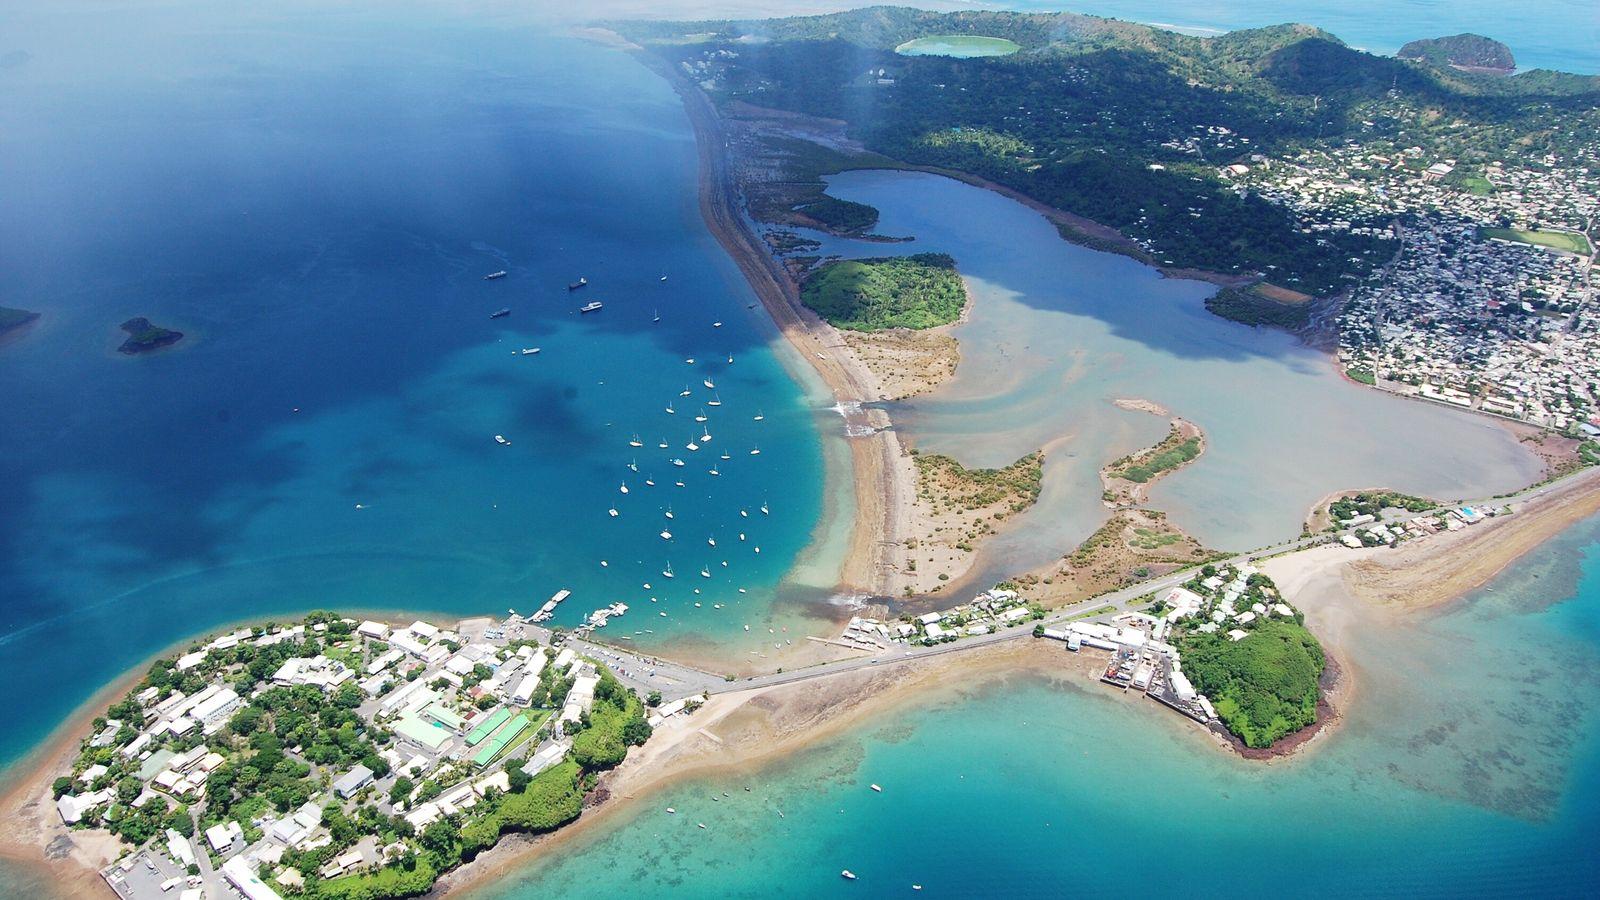 Le Parc naturel marin de Mayotte a été créé en 2010.